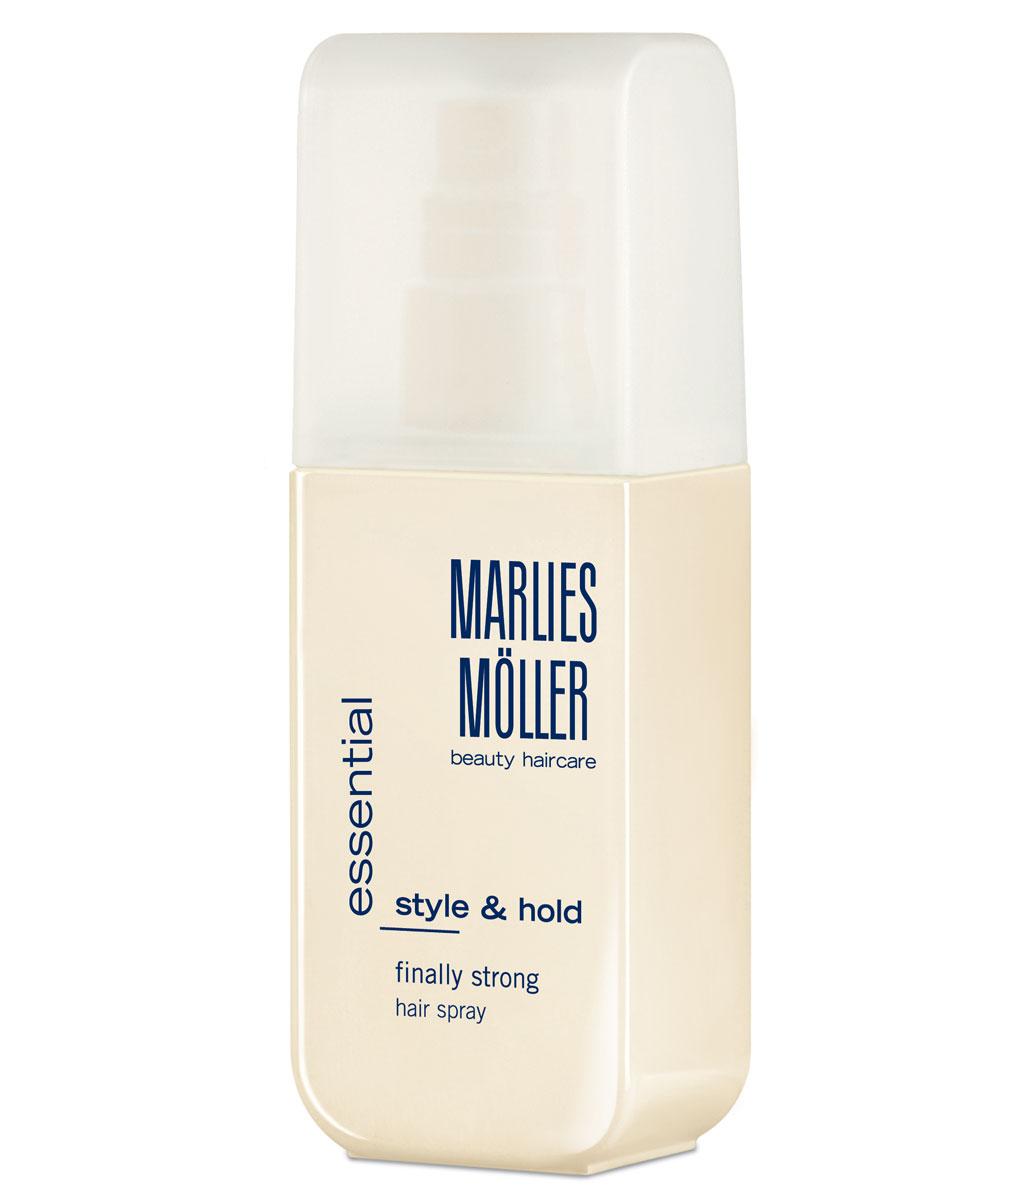 Marlies Moller Лак для волос Styling, сильная фиксация, 125 мл styling жидкий лак для волос очень сильной фиксации 125 мл